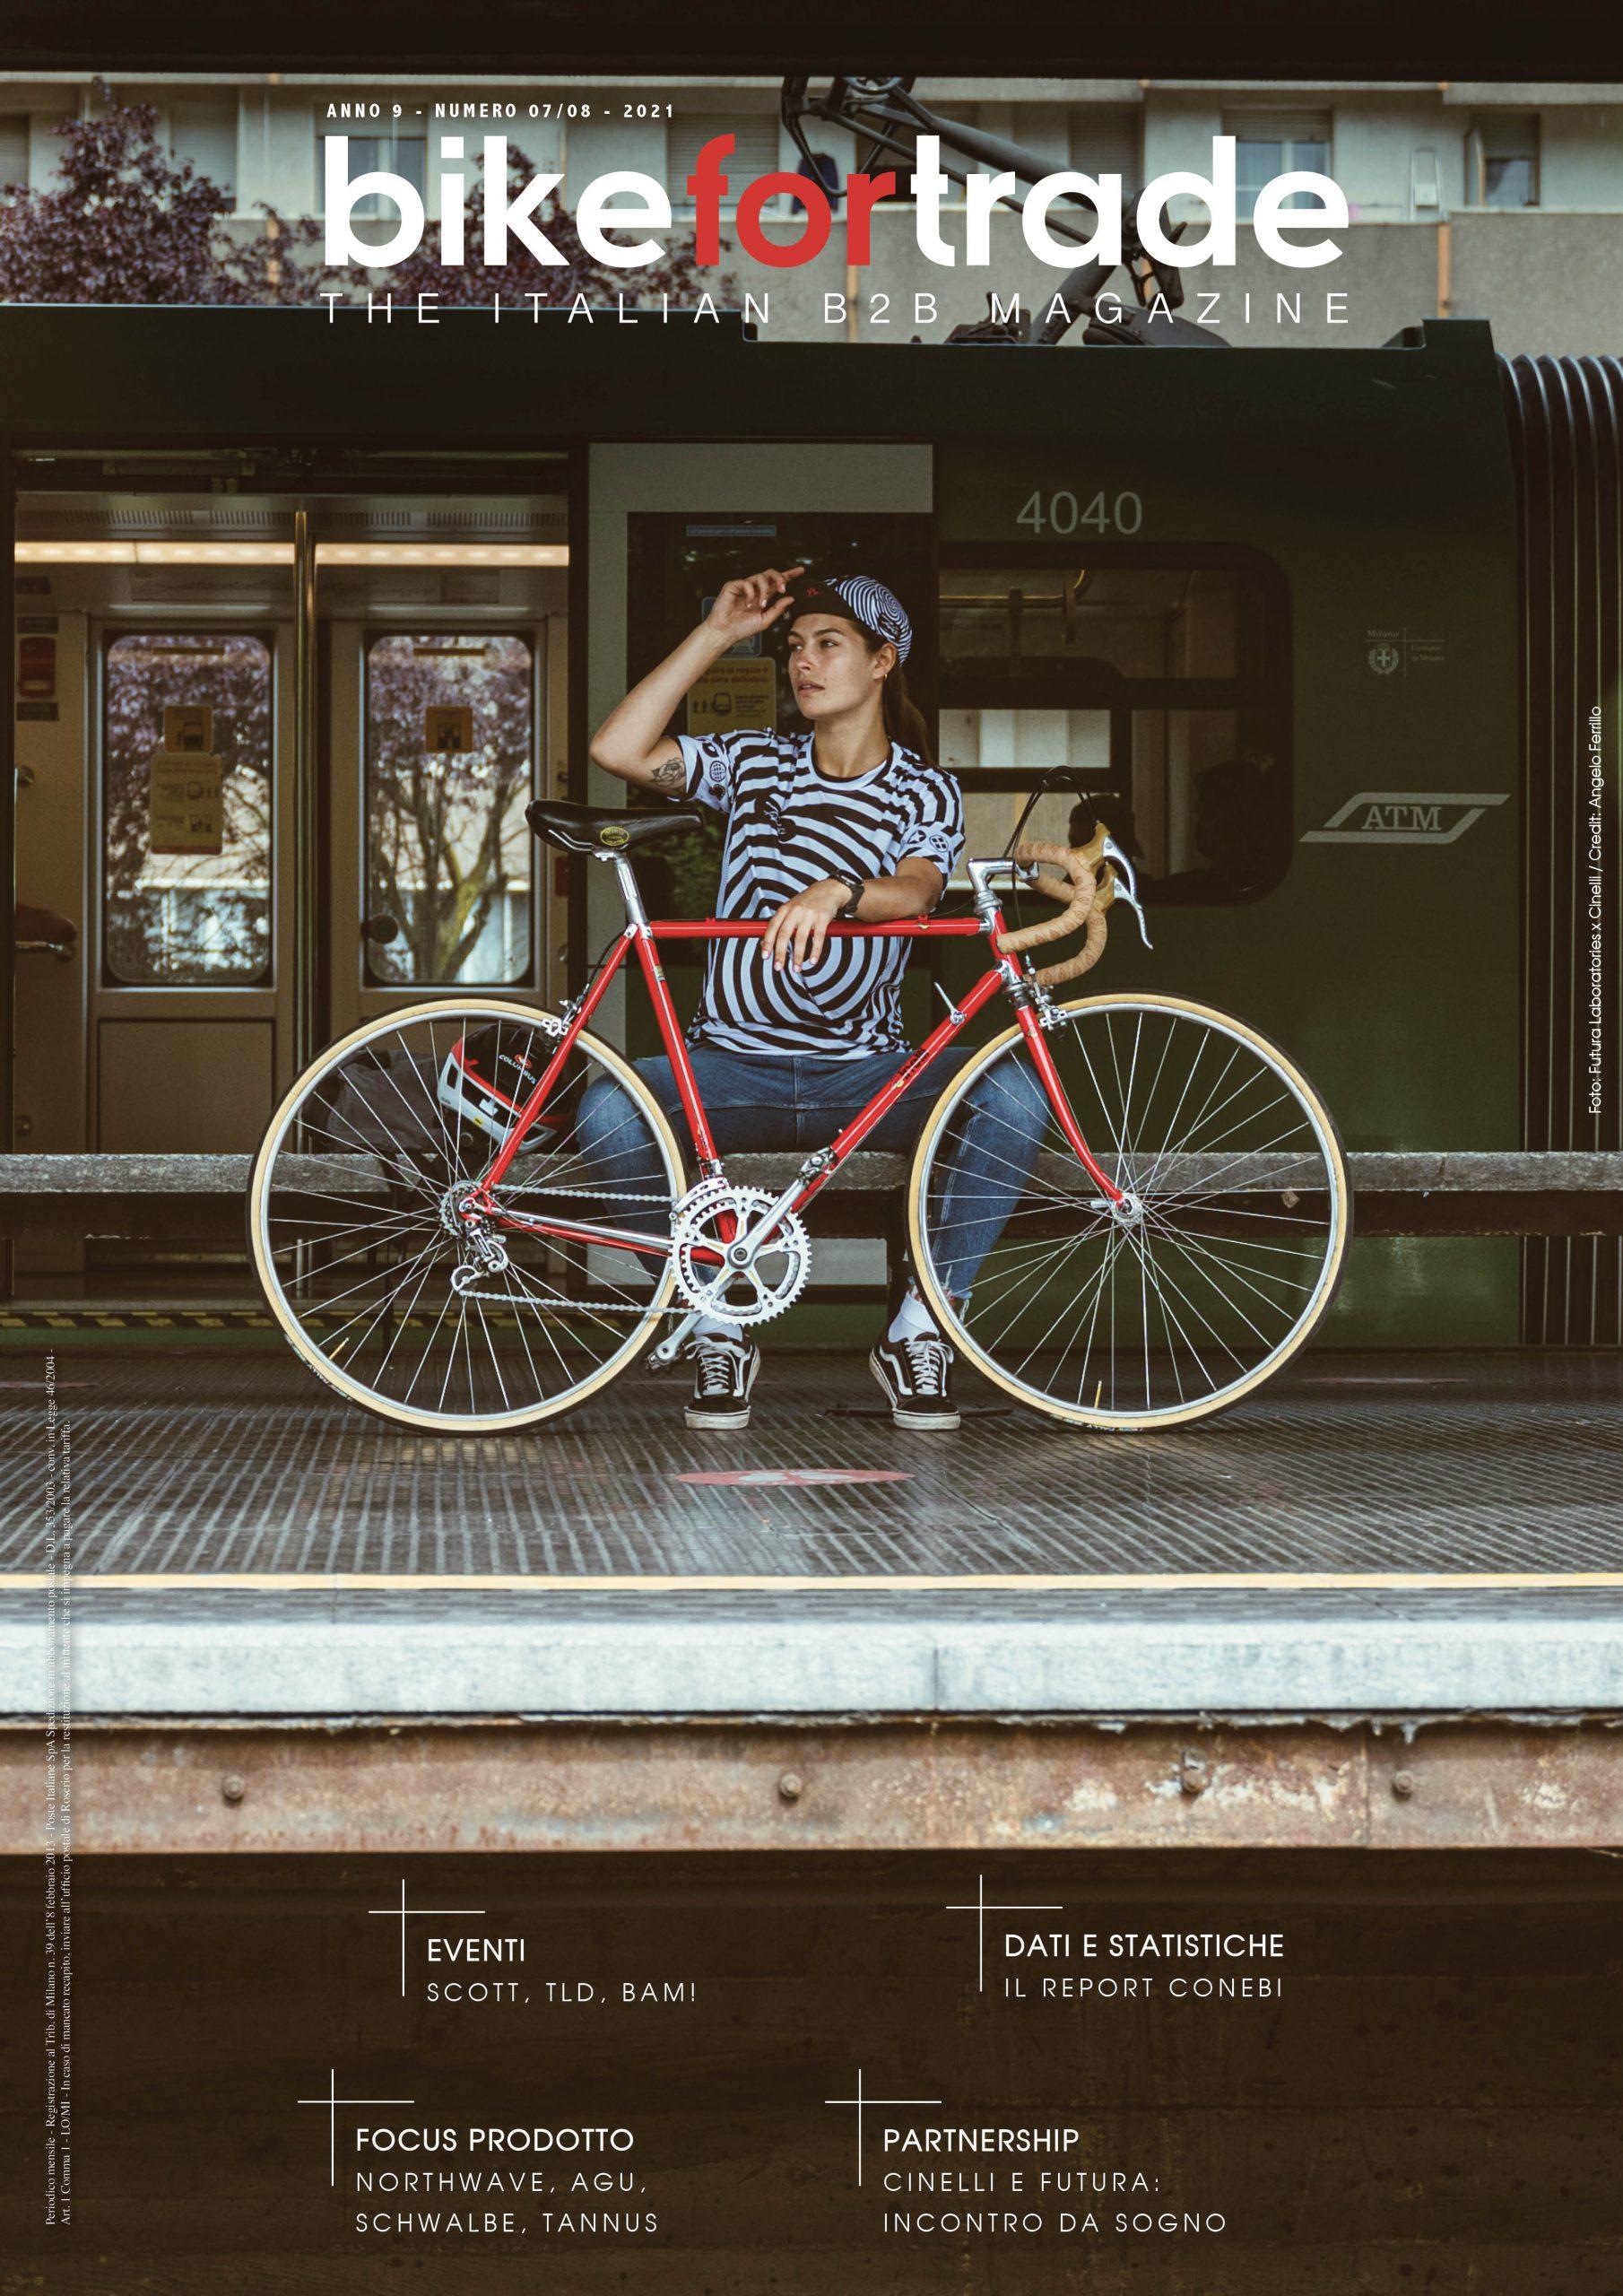 Bikefortrade 07/08_2021